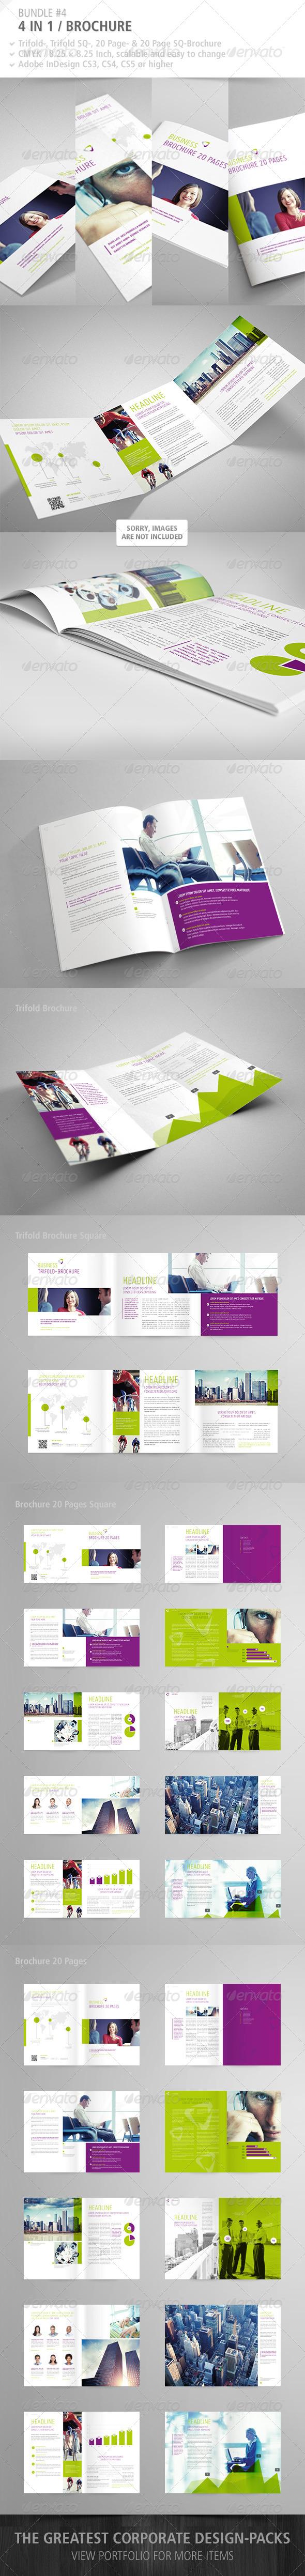 GraphicRiver Brochure Bundle #4 5006071